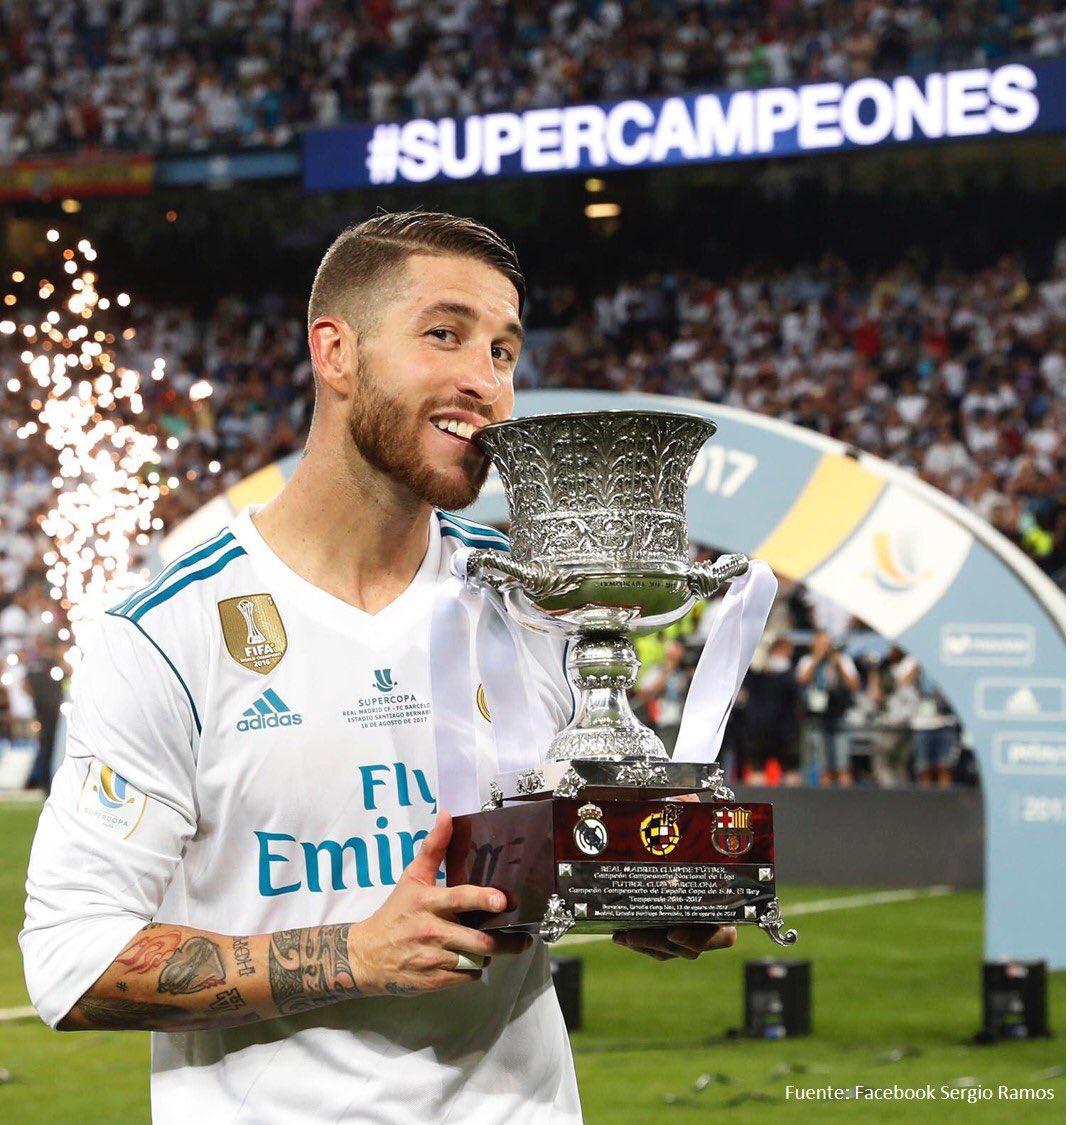 🥇El capitán 👨✈️ blanco #SergioRamos 🇪🇸es el madridista con más partidos en la competición con 1️⃣4️⃣ [4X🏆]  🥈#IkerCasillas 🇪🇸1️⃣3️⃣  🥉#RaúlGonzalez 🇪🇸1️⃣2️⃣  🏅#Marcelo 🇧🇷 9️⃣  🏅#Benzema 🇫🇷 8️⃣.